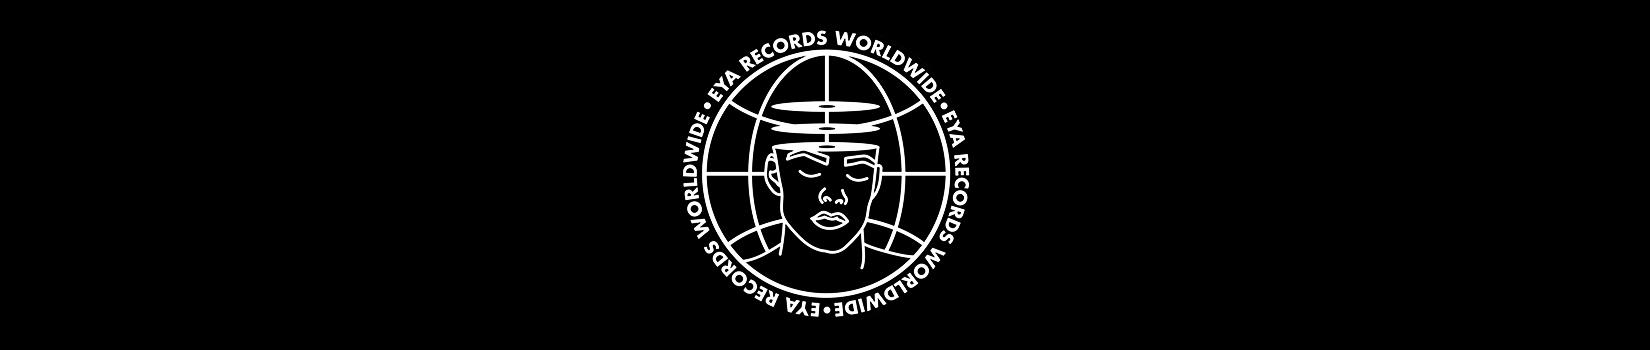 Eya Records